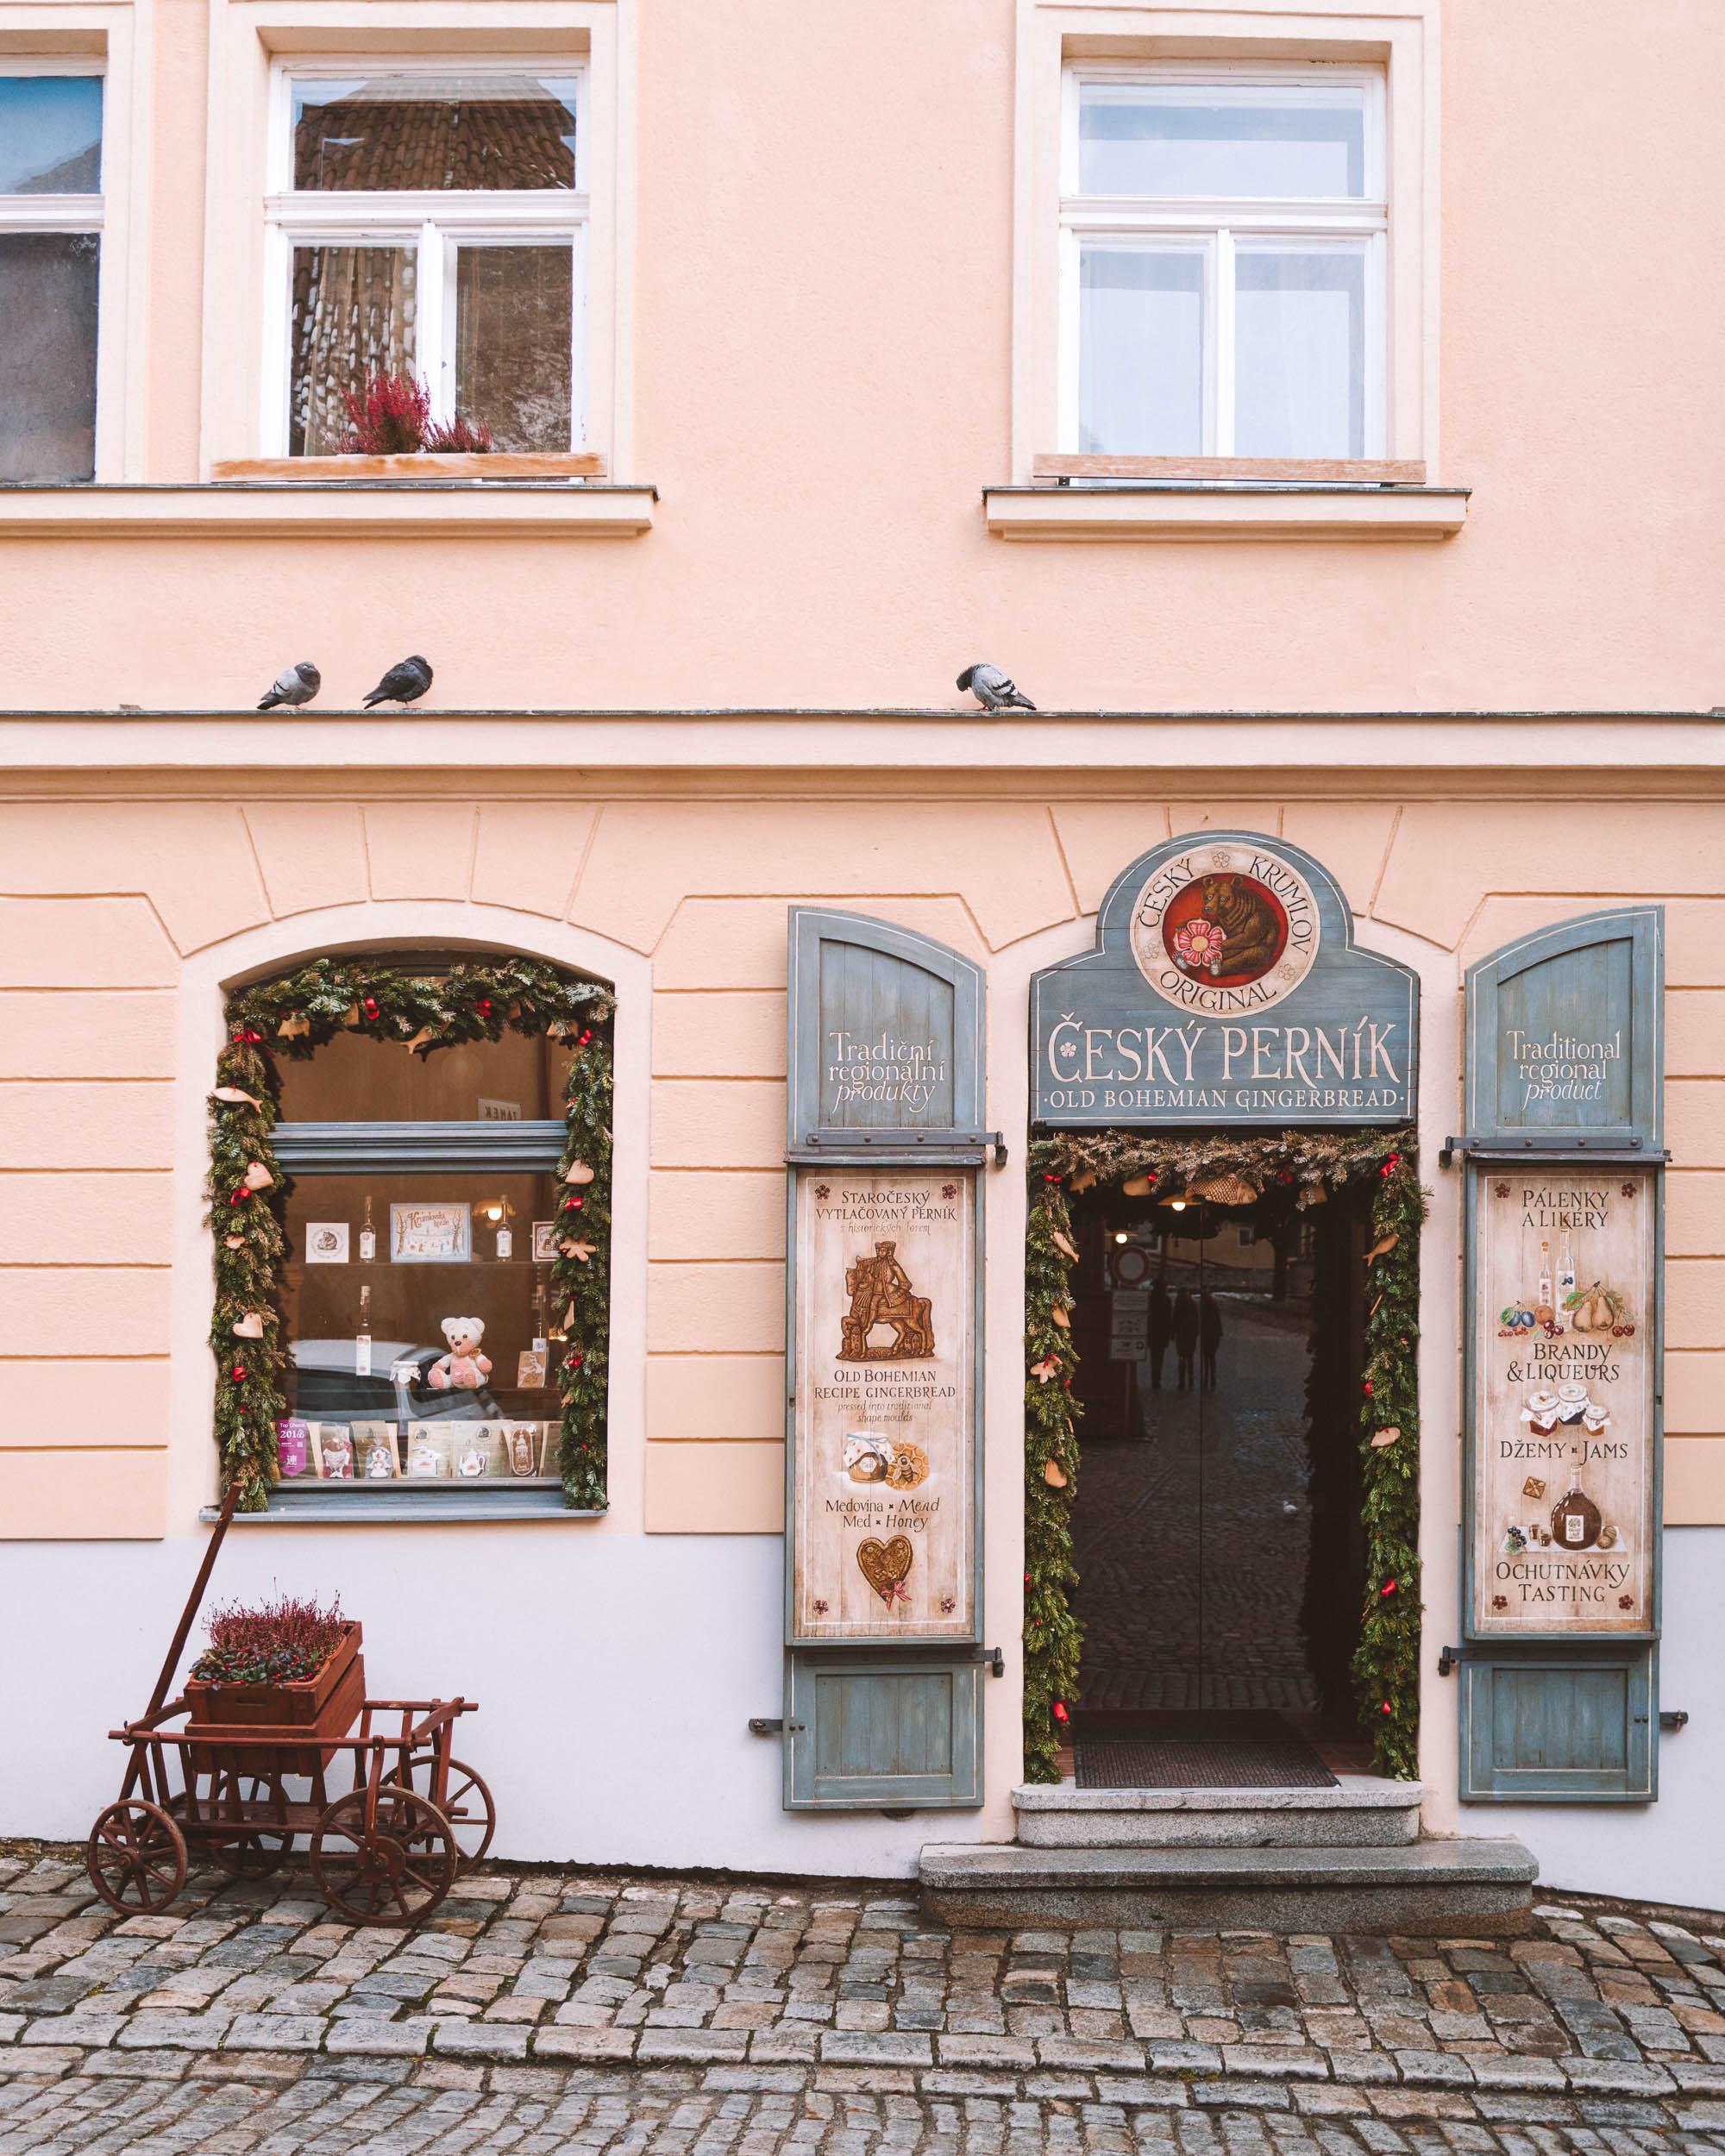 Pink building in Cesky, Krumlov.